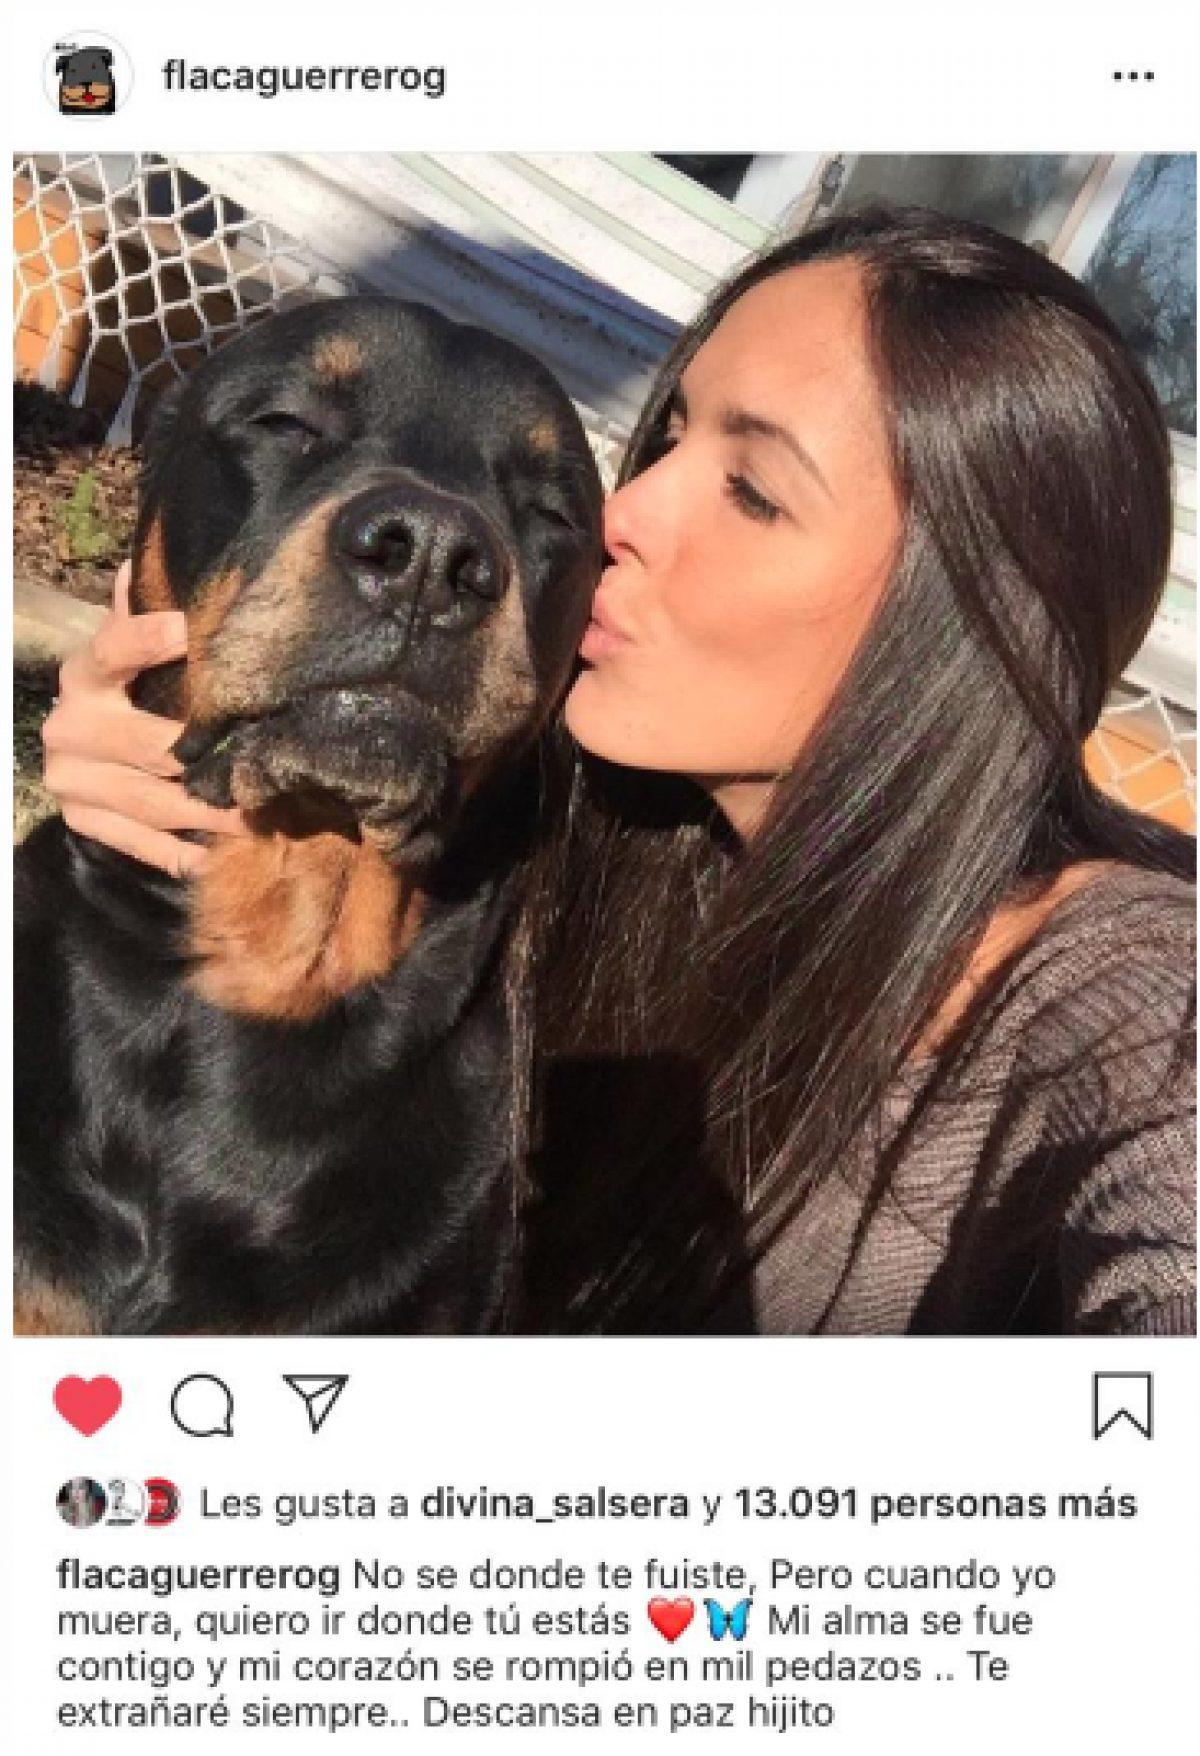 """La """"Flaca"""" Guerrero puso una nota de dolor por Milos"""